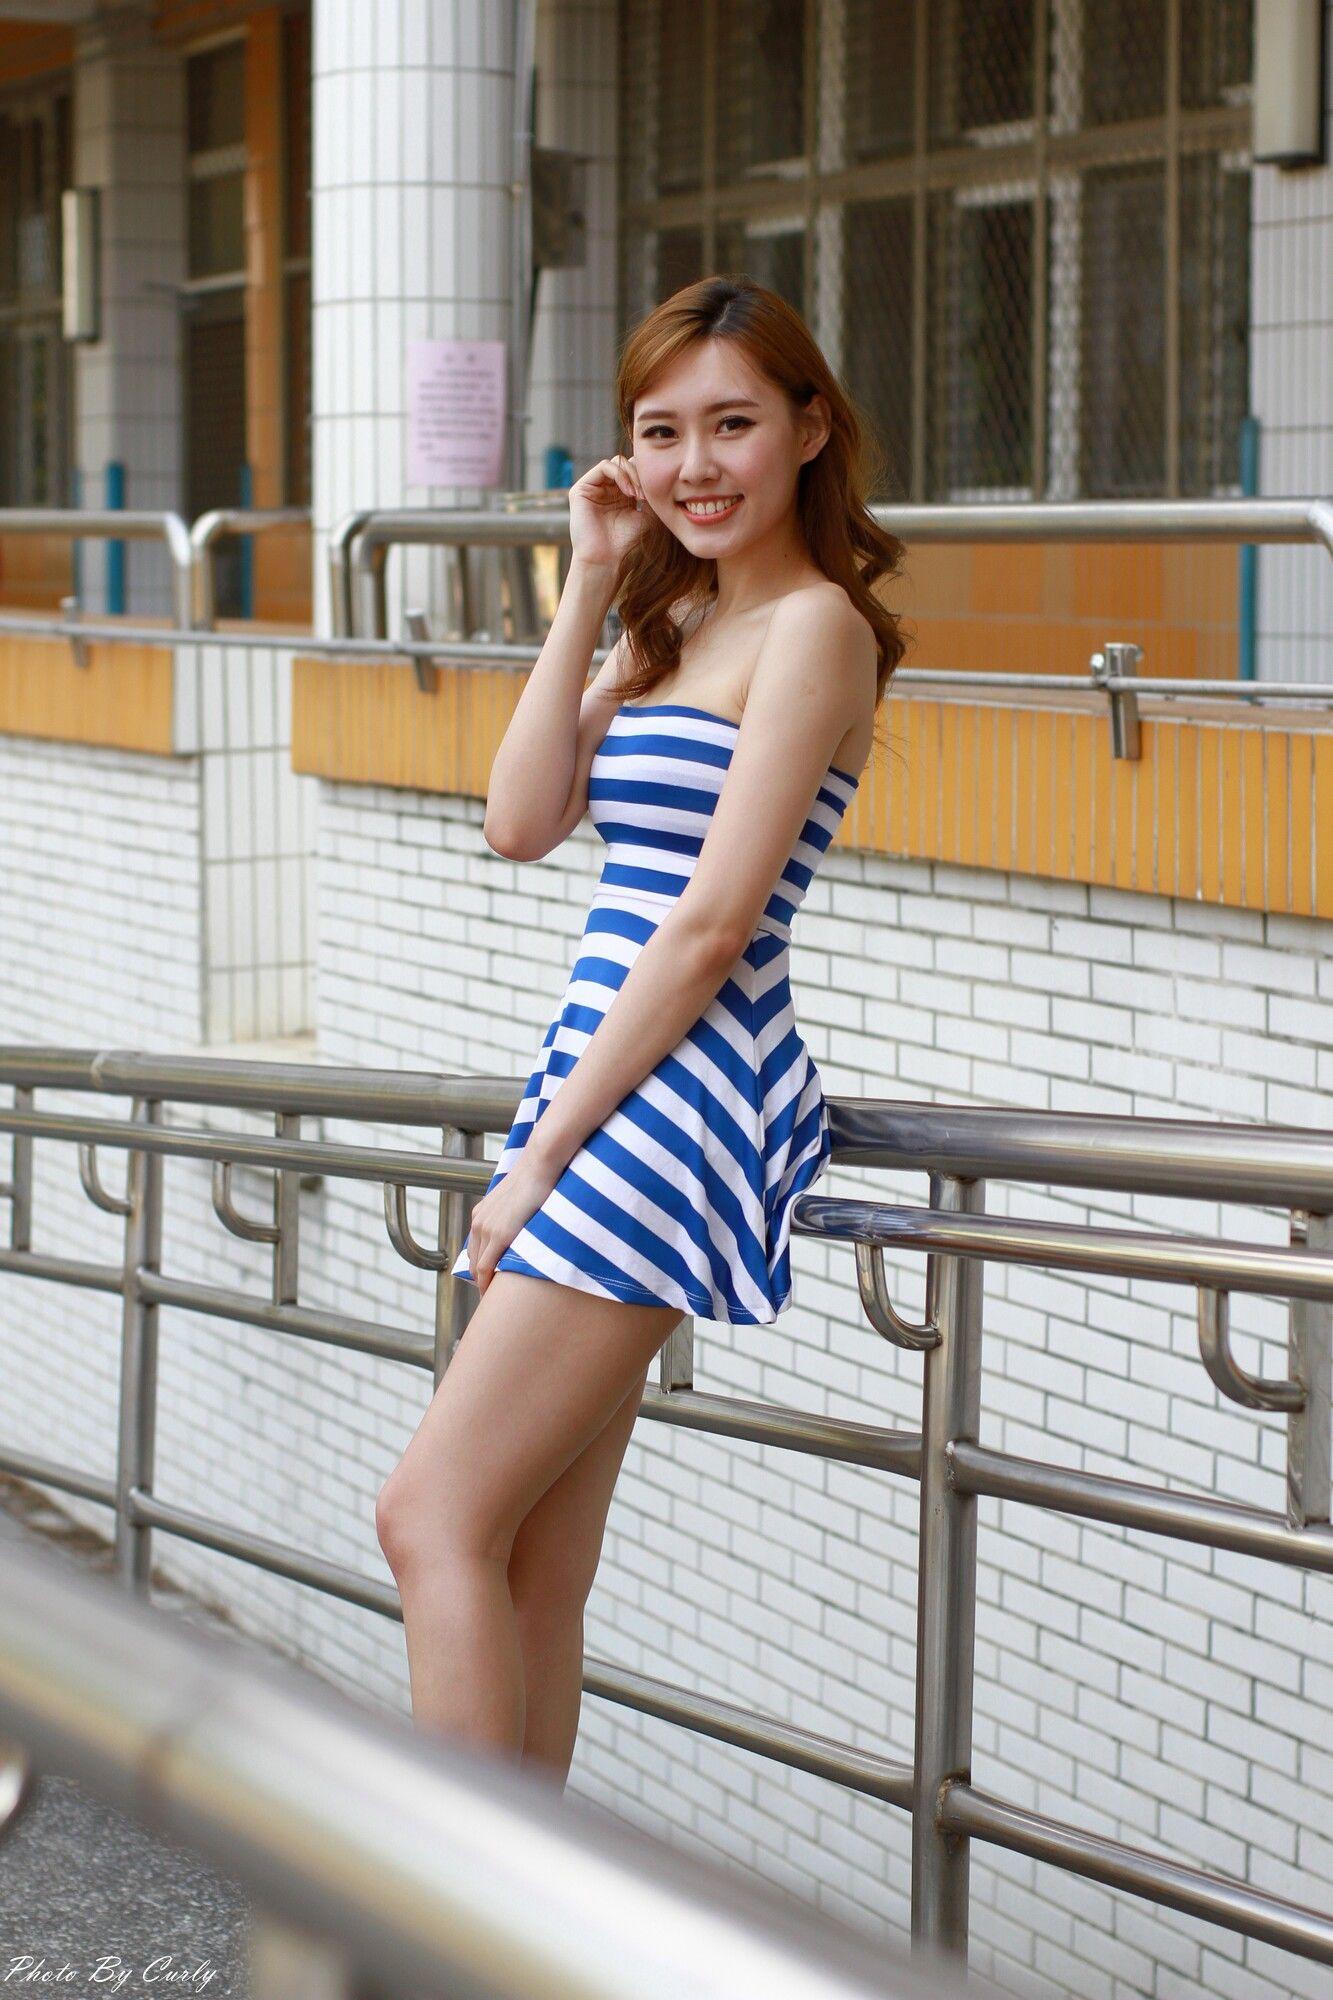 VOL.1172 [台湾正妹]长腿美女街拍短裙抹胸:郭珉妏(腿模Queenie)超高清个人性感漂亮大图(69P)